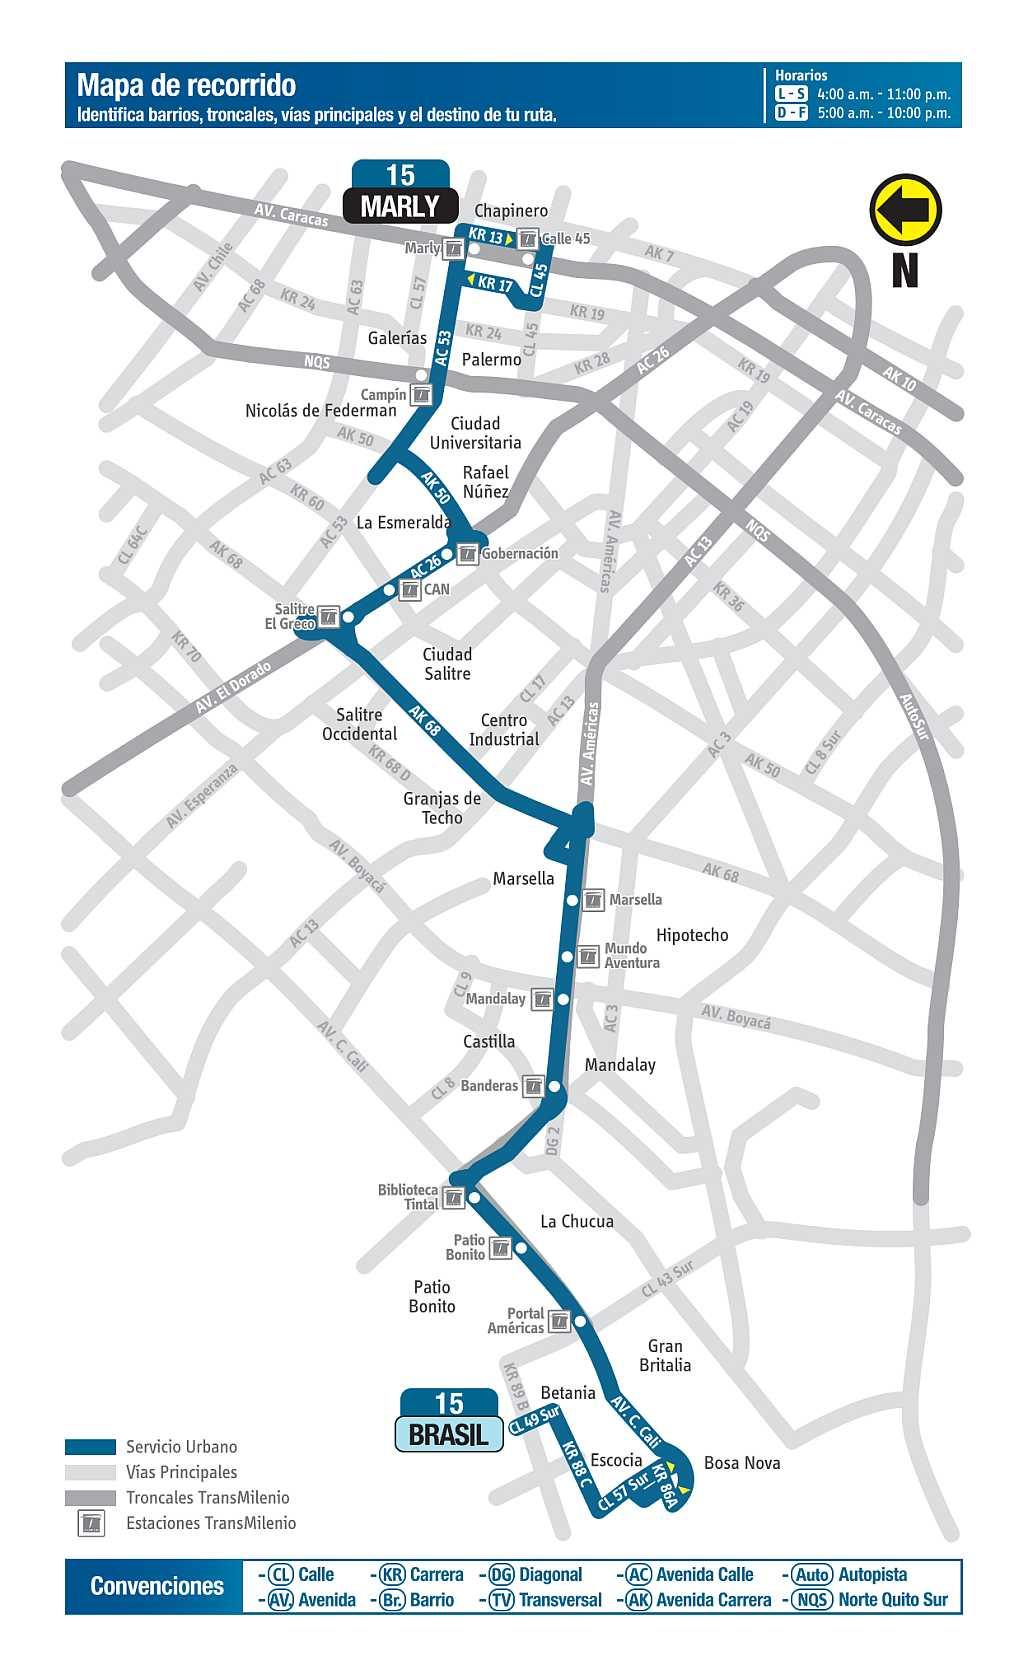 Mapa bus urbano: 15 Marly - Brasil